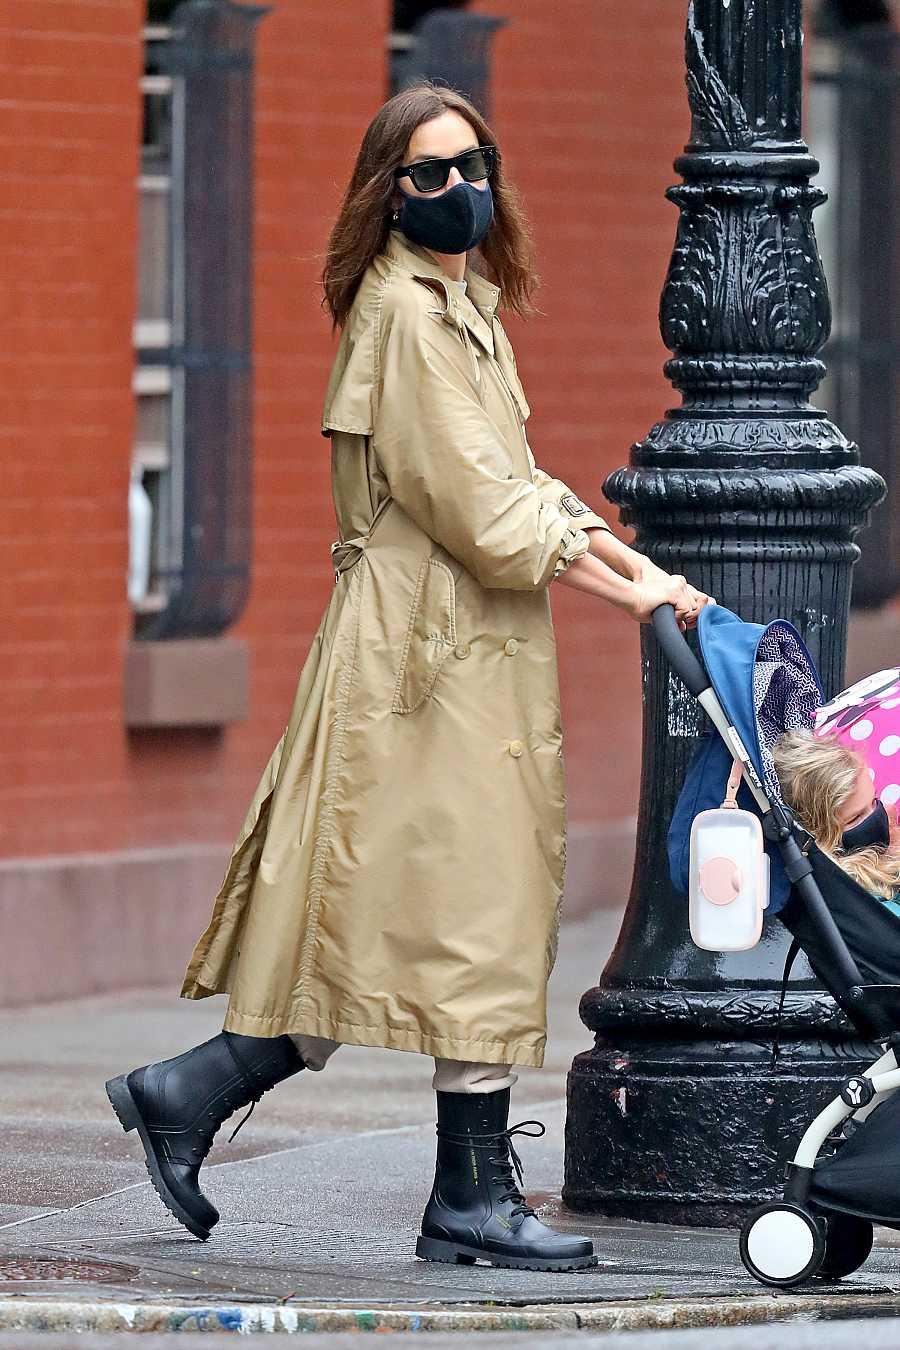 La modelo Irina Shayk con una mascarilla negra en Nueva York